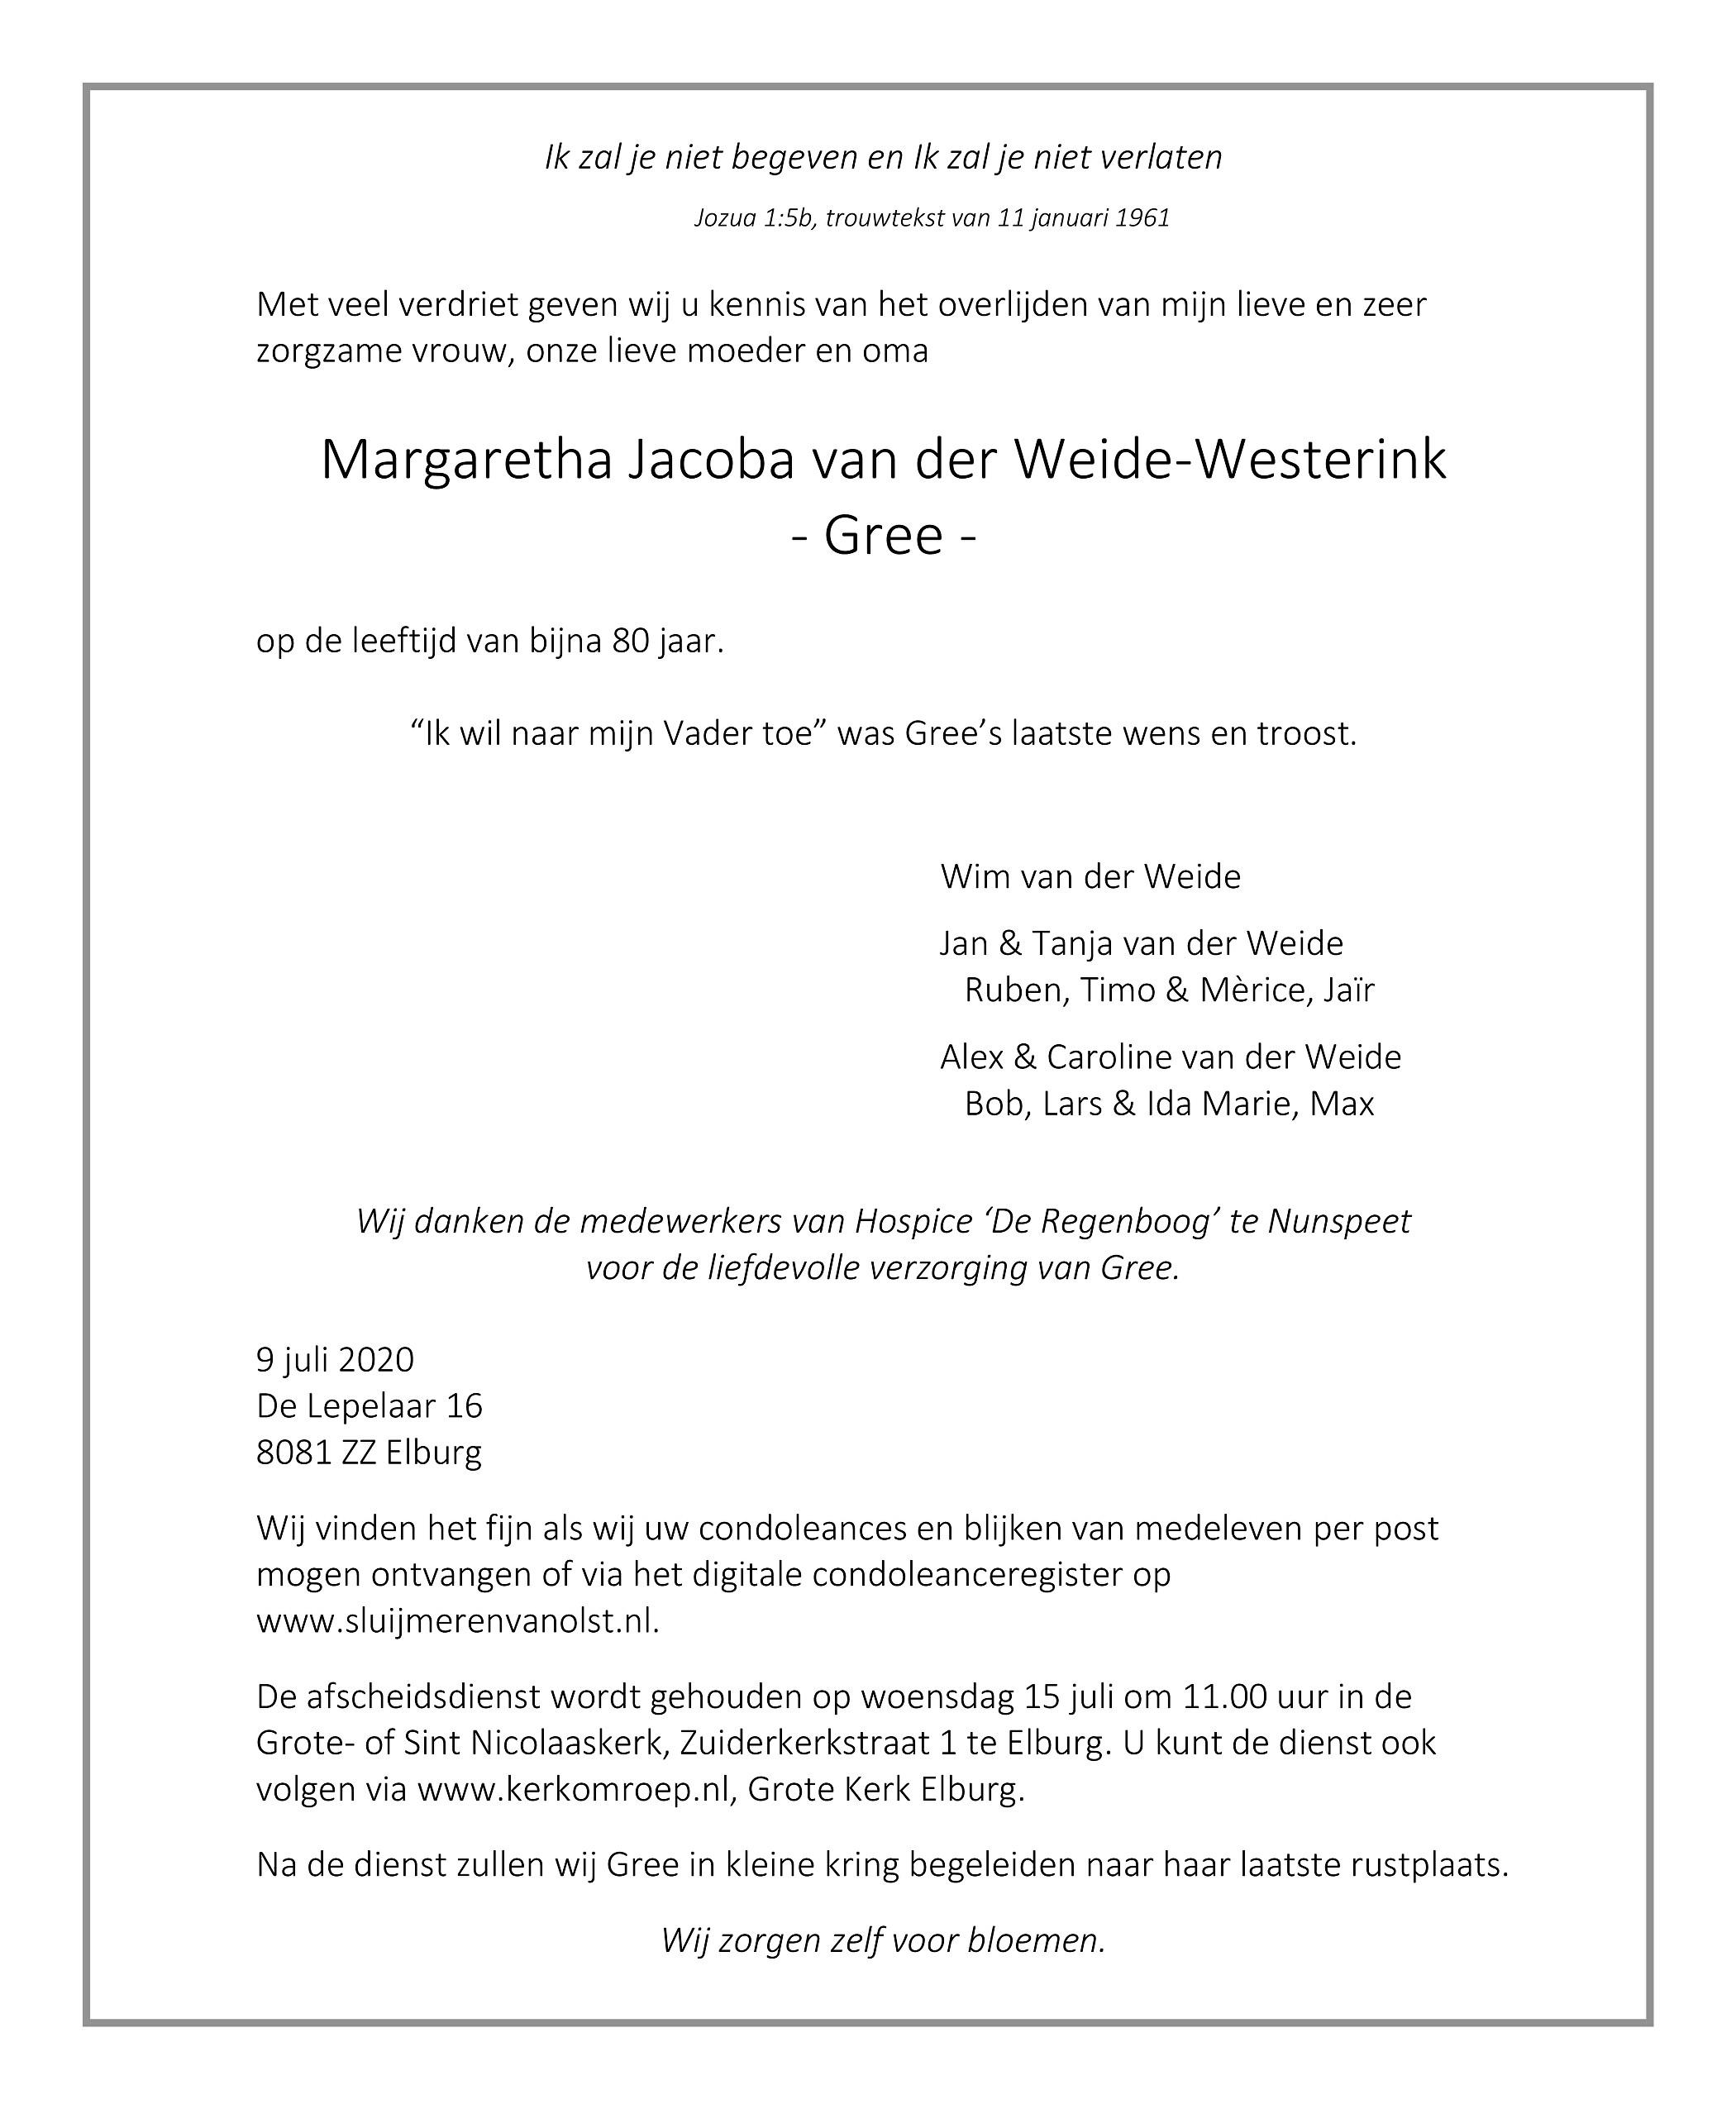 Gree van der Weide-Westerink Death notice